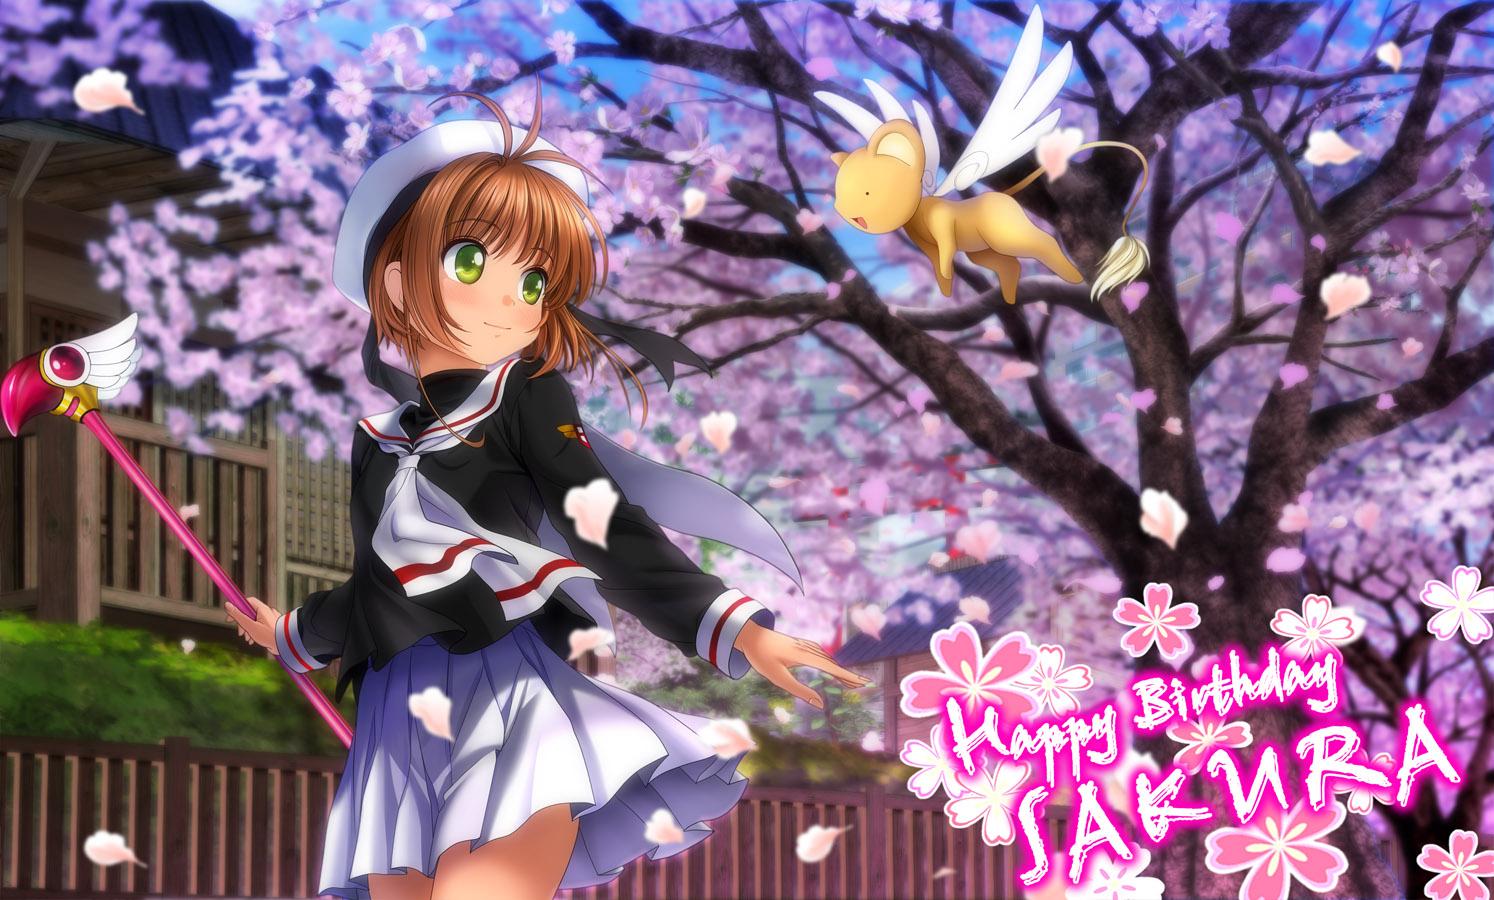 http://static.zerochan.net/Cardcaptor.Sakura.full.500630.jpg